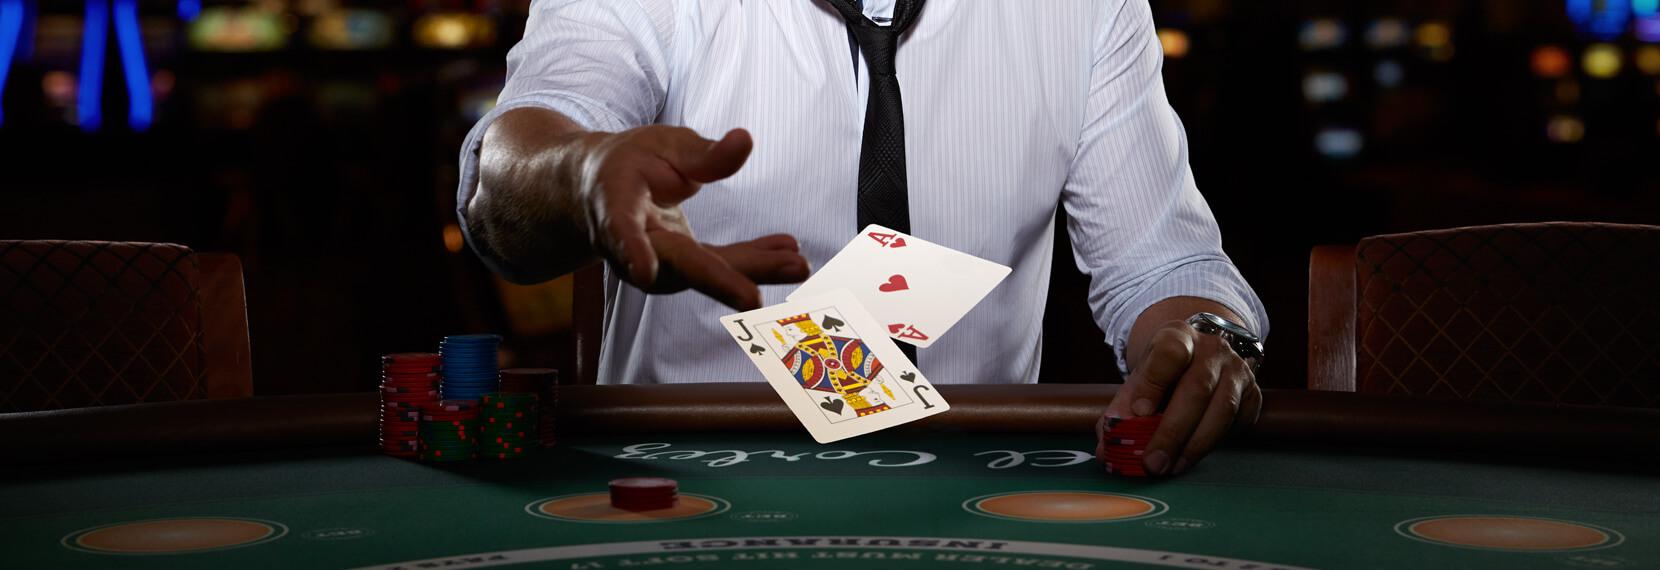 Jeux casino: pourquoi les apprécier?